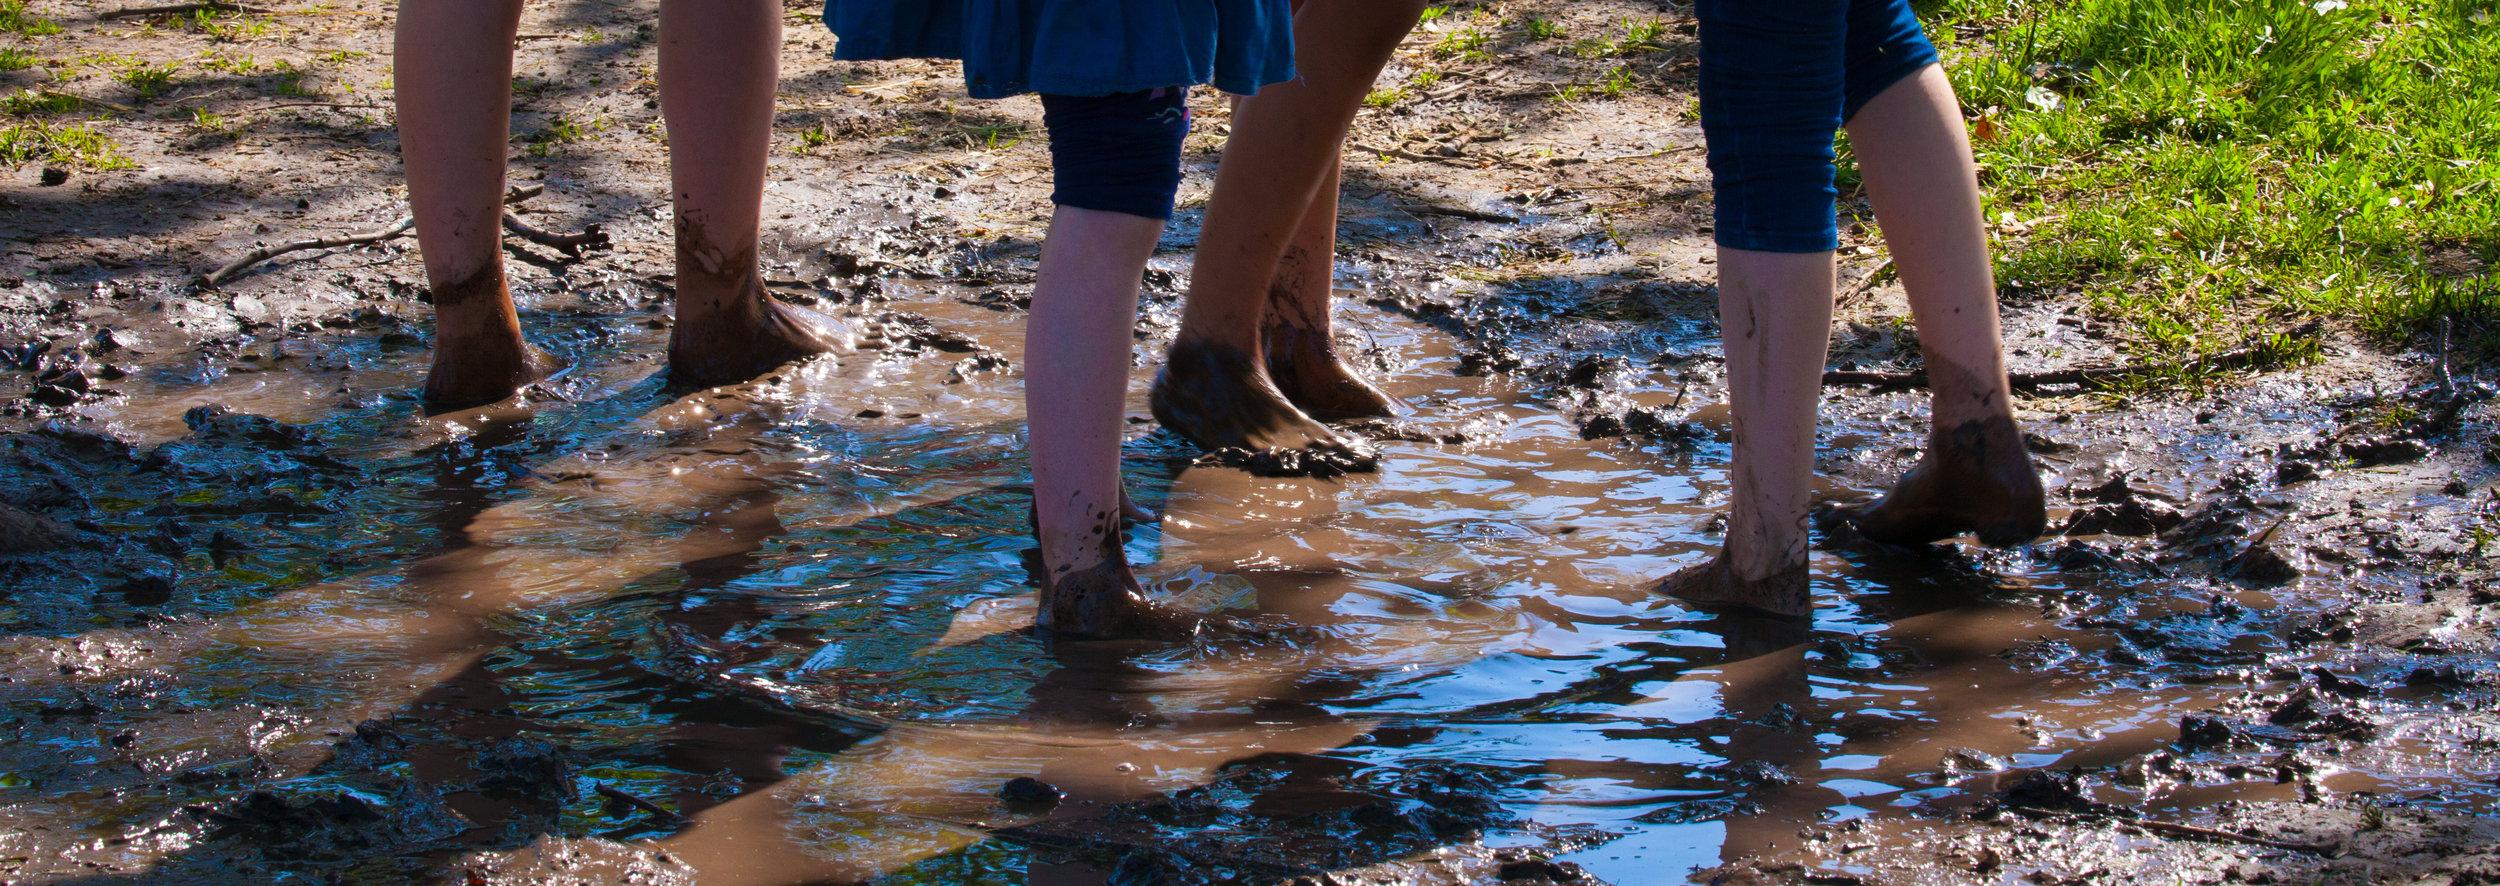 Mud.jpg.jpg